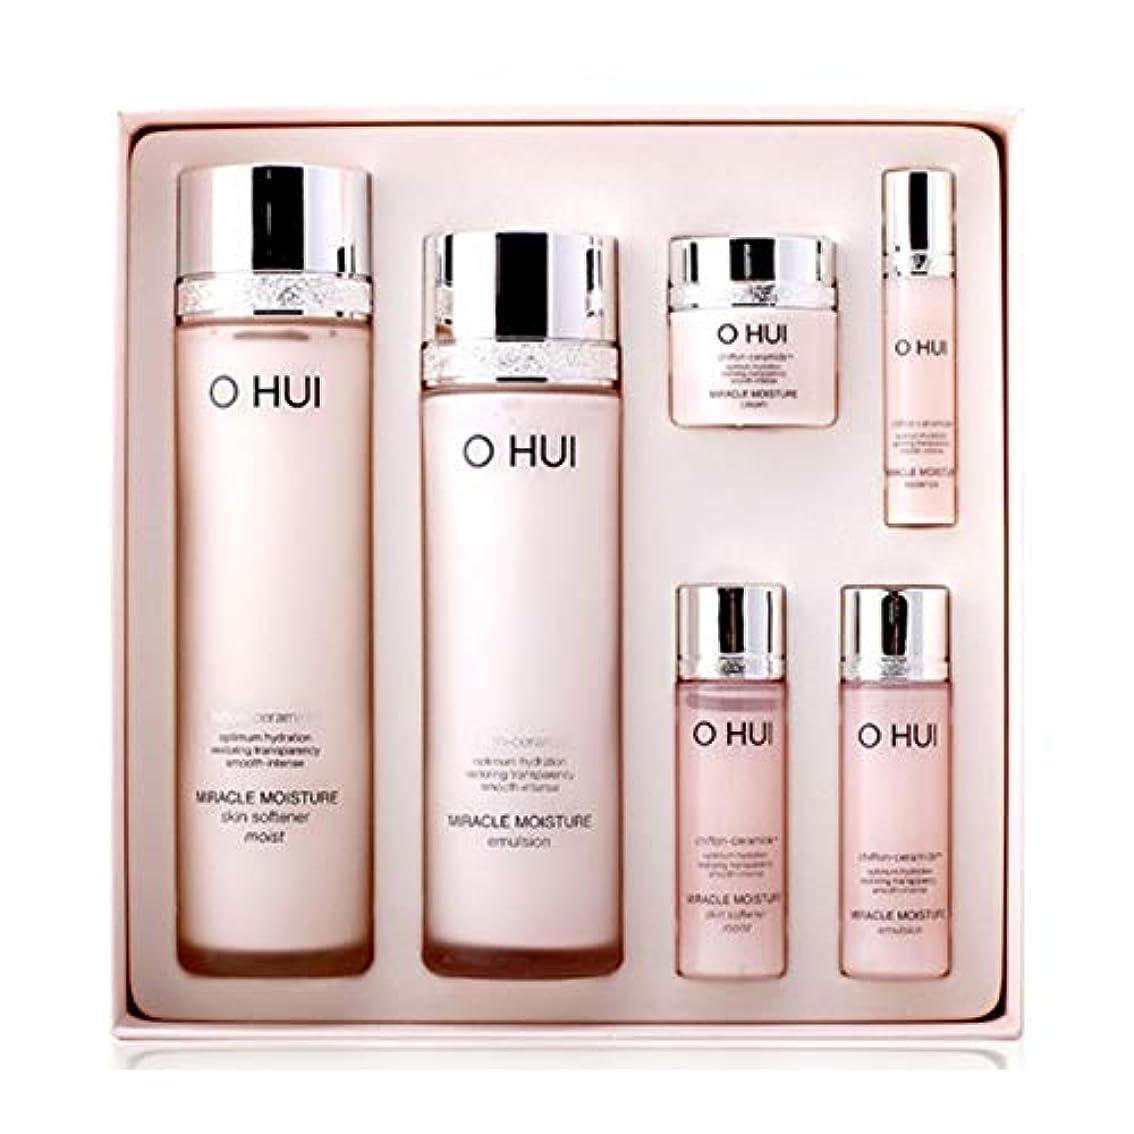 しない全滅させる落ち着かないオフィミラクルモイスチャースキンソフナーエマルジョンセット韓国コスメ、O Hui Miracle Moisture Skin Softener Emulsion Set Korean Cosmetics [並行輸入品]